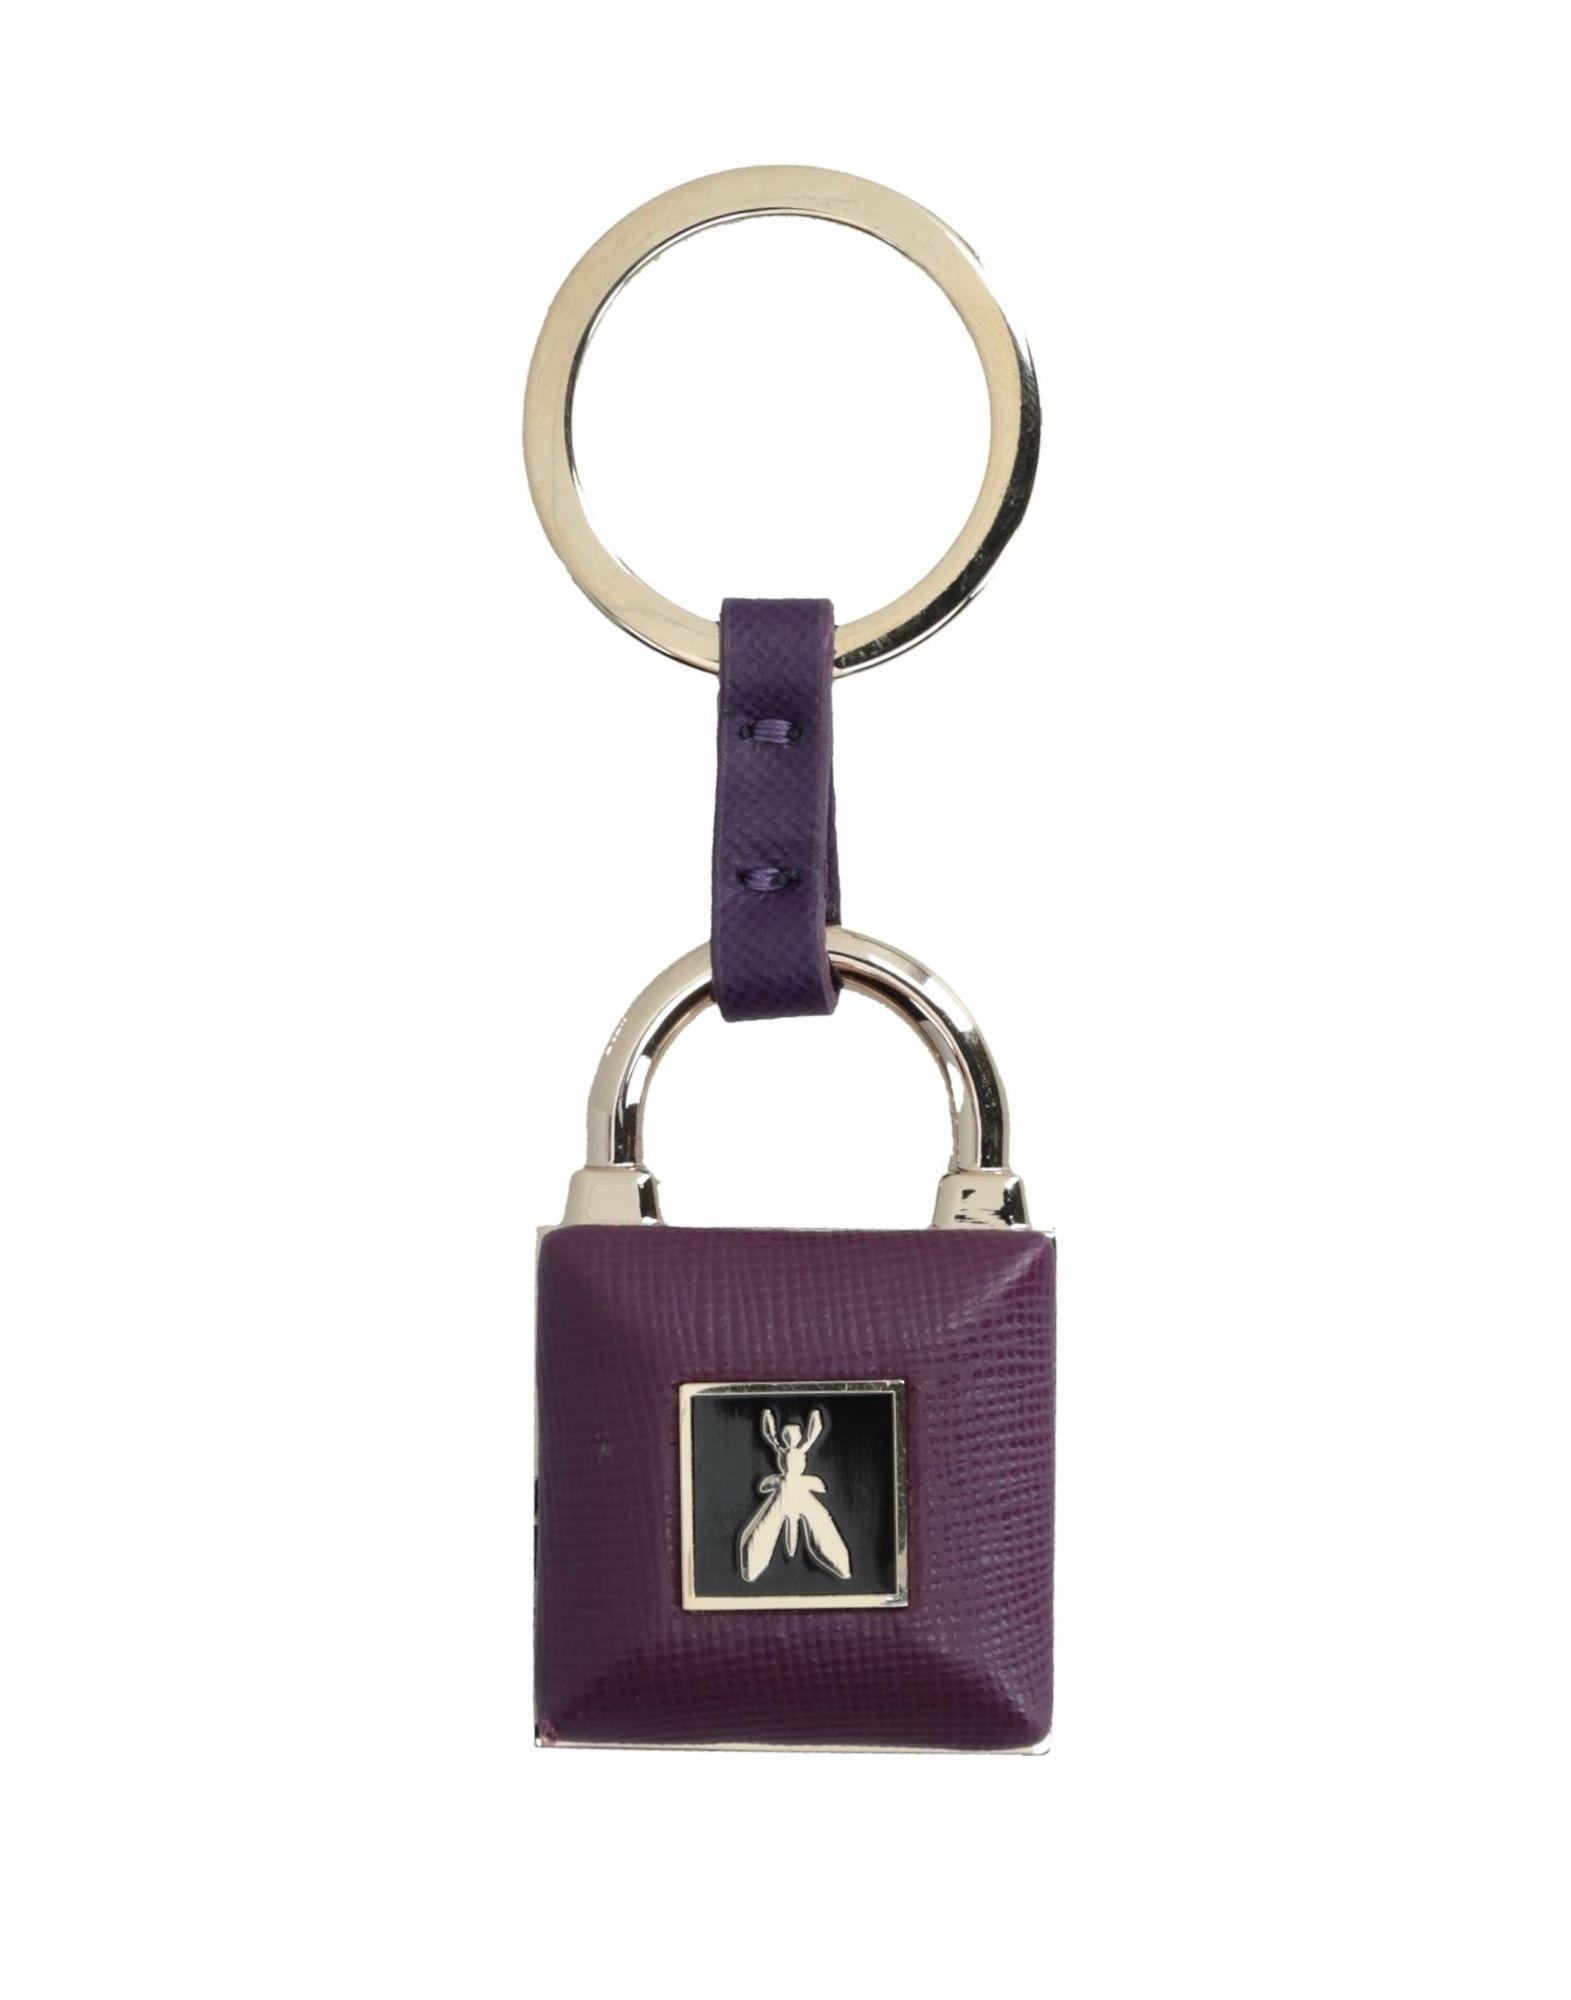 PATRIZIA PEPE Брелок для ключей jobon zhongyin брелок для ключей кольцо брелок для ключей волокно кожа двойной брелок для переноски zb 030g розовое золото